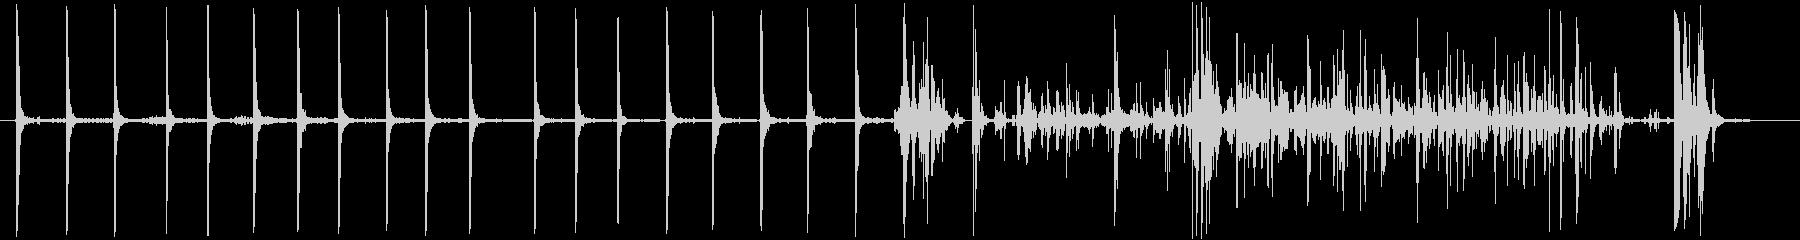 バレルメーカー02;バレルメーカー...の未再生の波形